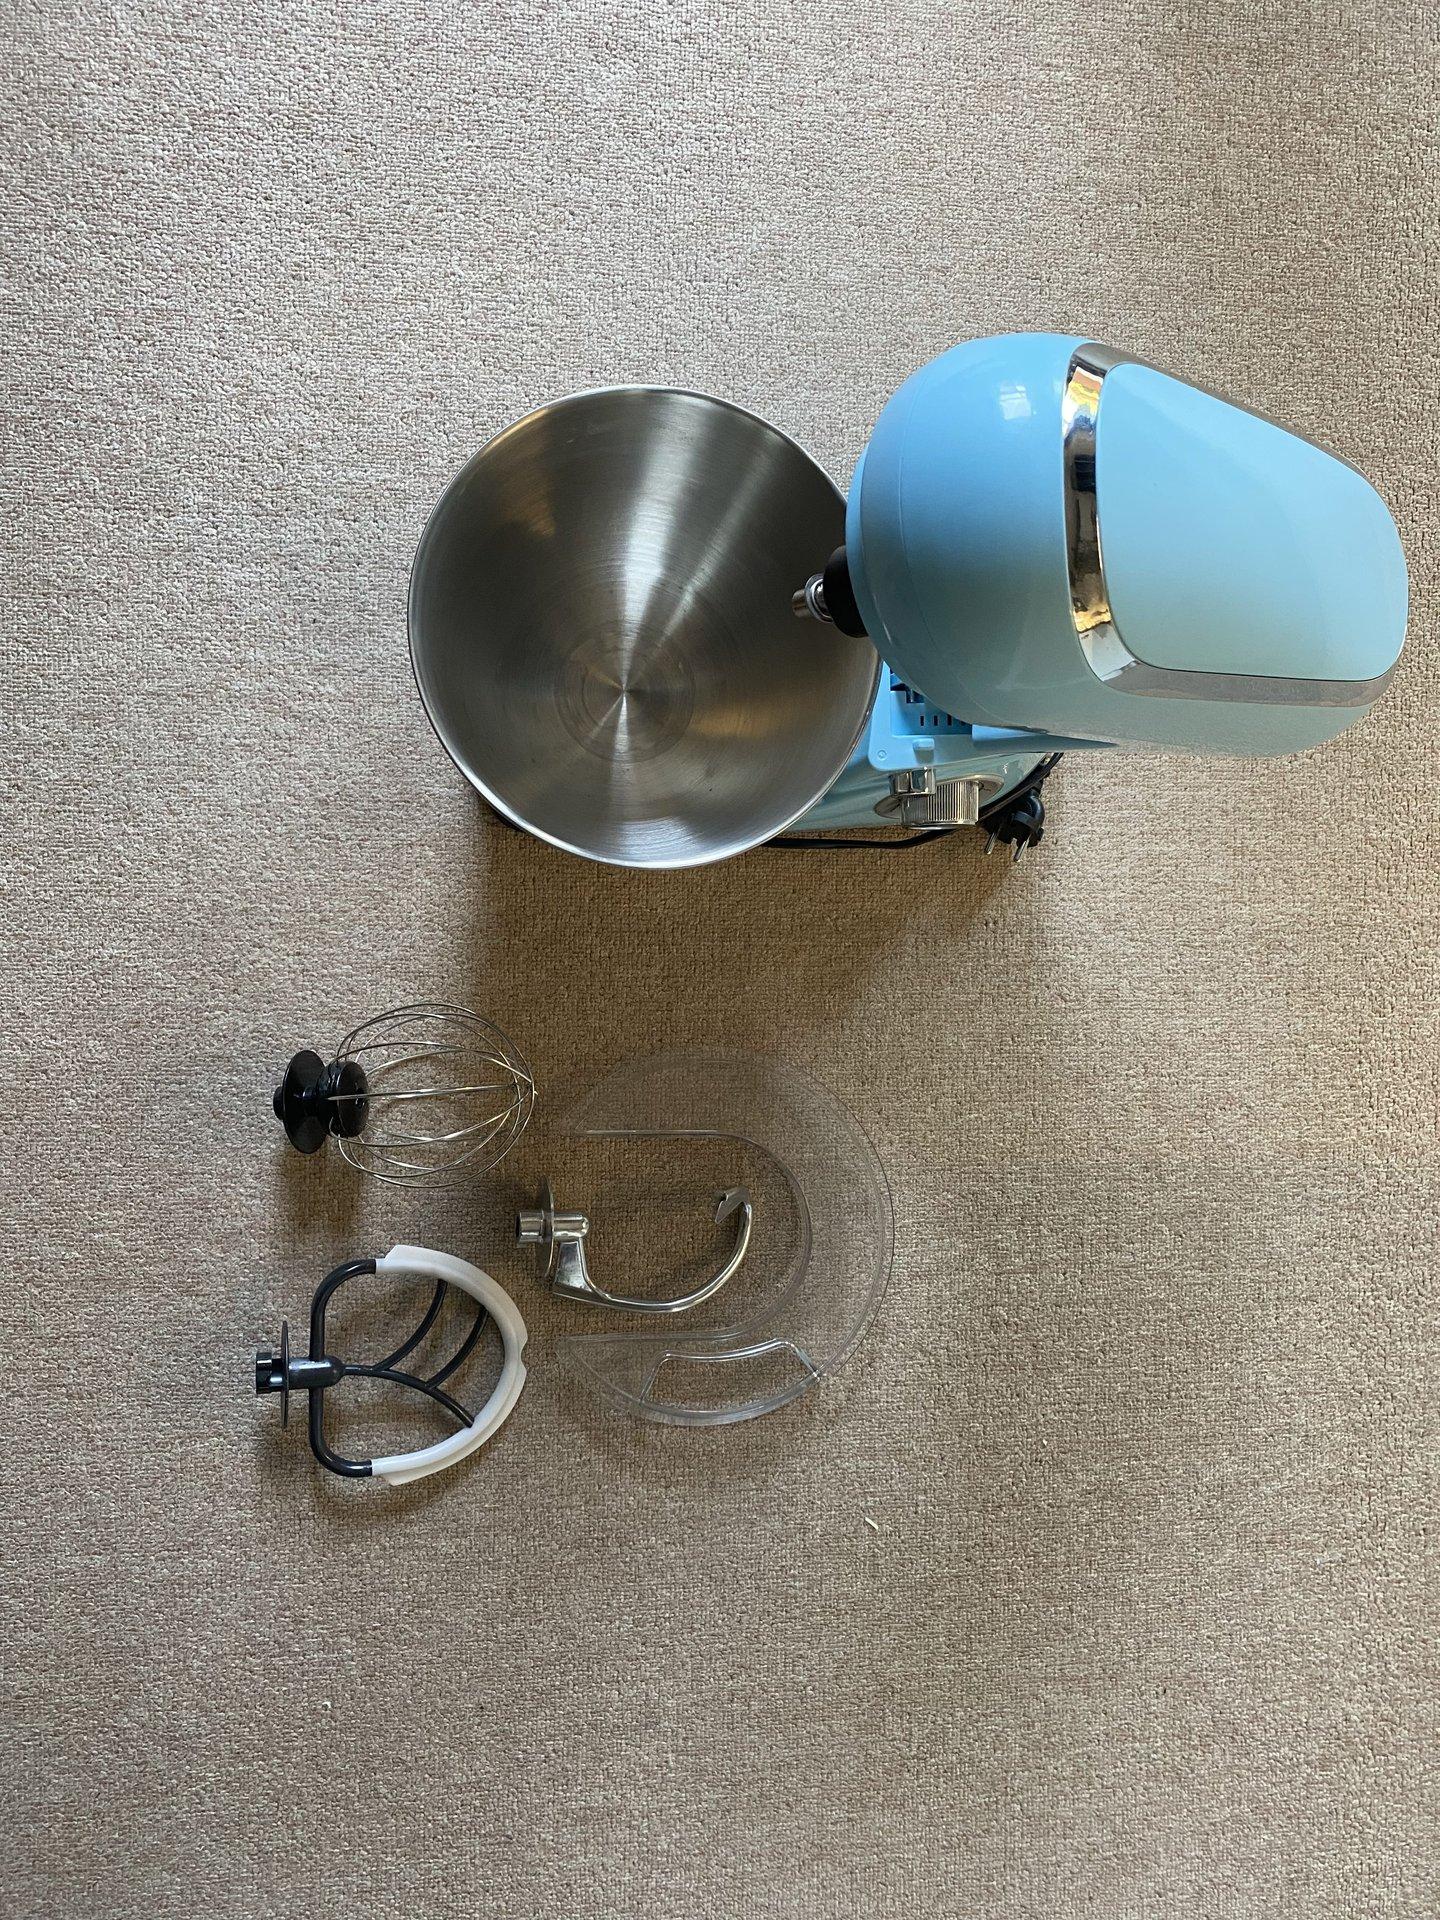 Recenze Klarstein: Kuchyňský robot Bella Pico 2G